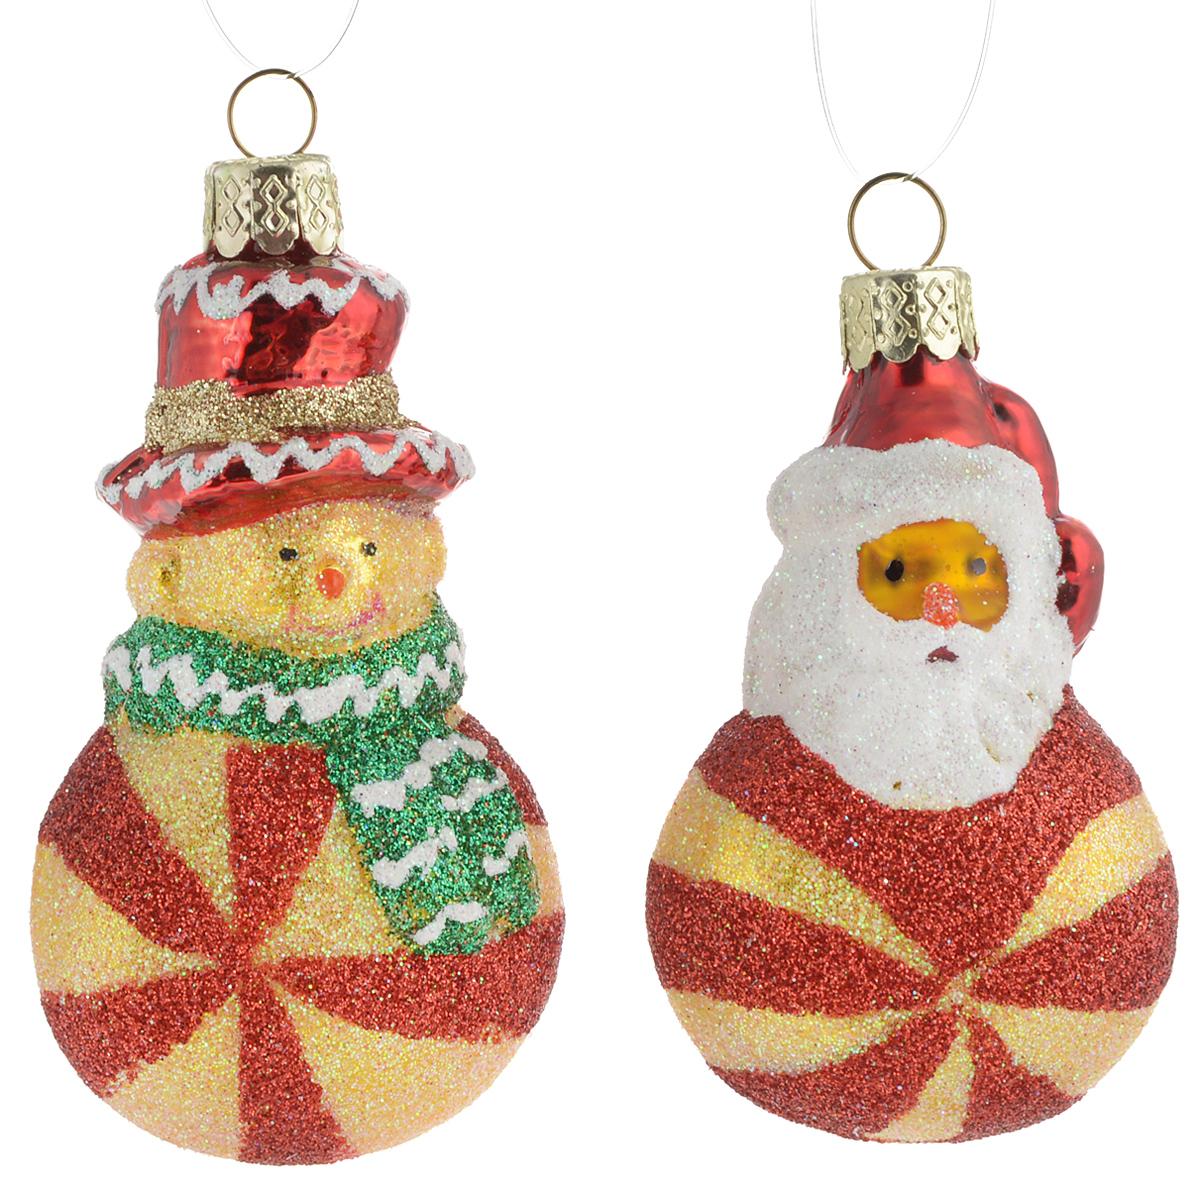 Украшение новогоднее подвесное Winter Wings Дед Мороз и снеговик, 2 штN07841Набор украшений Winter Wings Дед Мороз и снеговик прекрасно подойдетдля праздничного декора новогодней ели. Изделия выполнены из высококачественного стекла. Набор состоит из двух фигурок в виде Деда Мороза и Снеговика. Для удобного размещения на елке на украшениях предусмотрены петли. Елочная игрушка - символ Нового года. Она несет в себе волшебство и красоту праздника.Создайте в своем доме атмосферу веселья и радости, украшая новогоднюю елку наряднымиигрушками, которые будут из года в год накапливать теплоту воспоминаний.Откройте для себя удивительный мир сказок и грез. Почувствуйте волшебные минутыожидания праздника, создайте новогоднее настроение вашим дорогим и близким. Количество украшений: 2 шт. Высота украшения: 7 см.